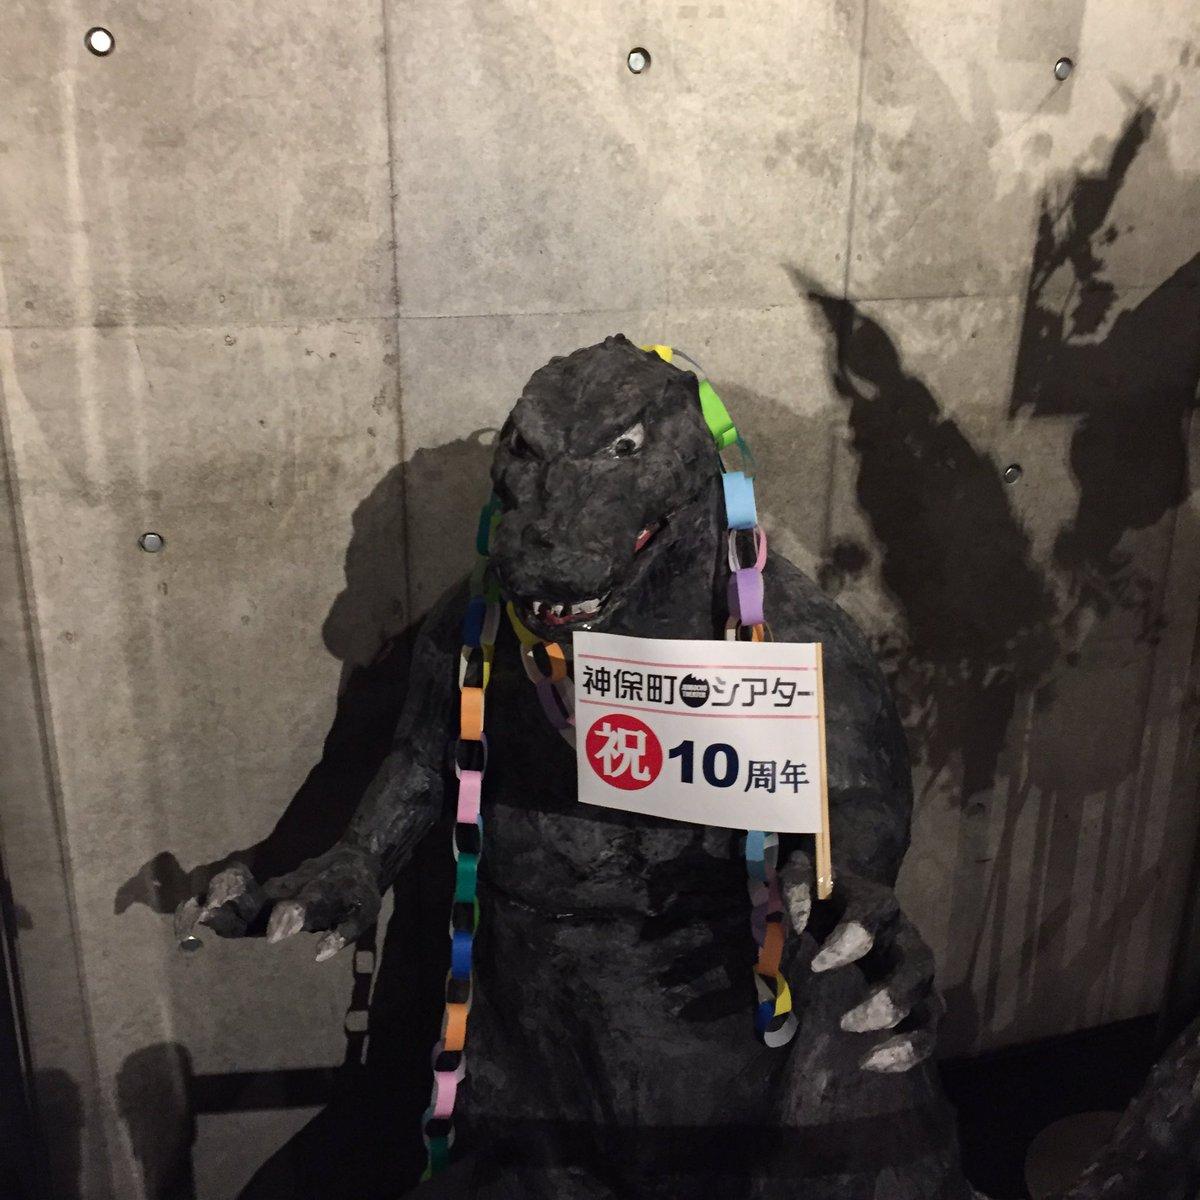 test ツイッターメディア - @minitheaterpark 2017/07/07に10周年を迎えたときの、神保町シアターさんです。そう、七夕がお誕生日の名画座劇場さんです。お気に入りは、特集ごとに気合の入る壁面ディスプレイ。 https://t.co/JQFYZHQHWZ